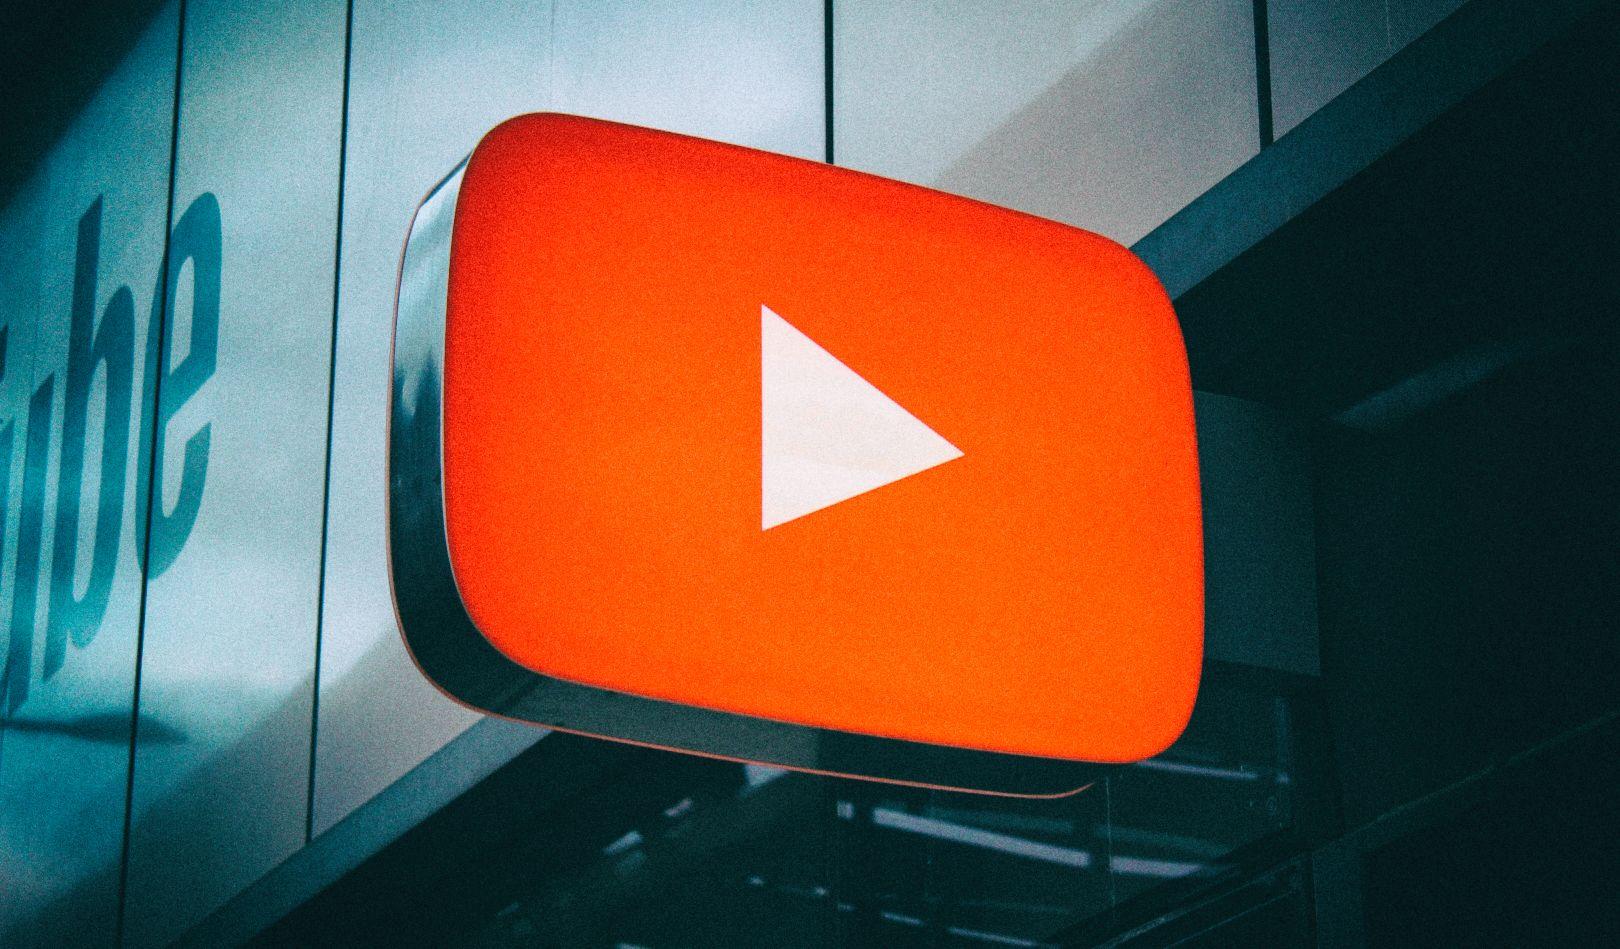 Контент на экспорт: Украинские YouTube-блогеры зарабатывают на иностранцах